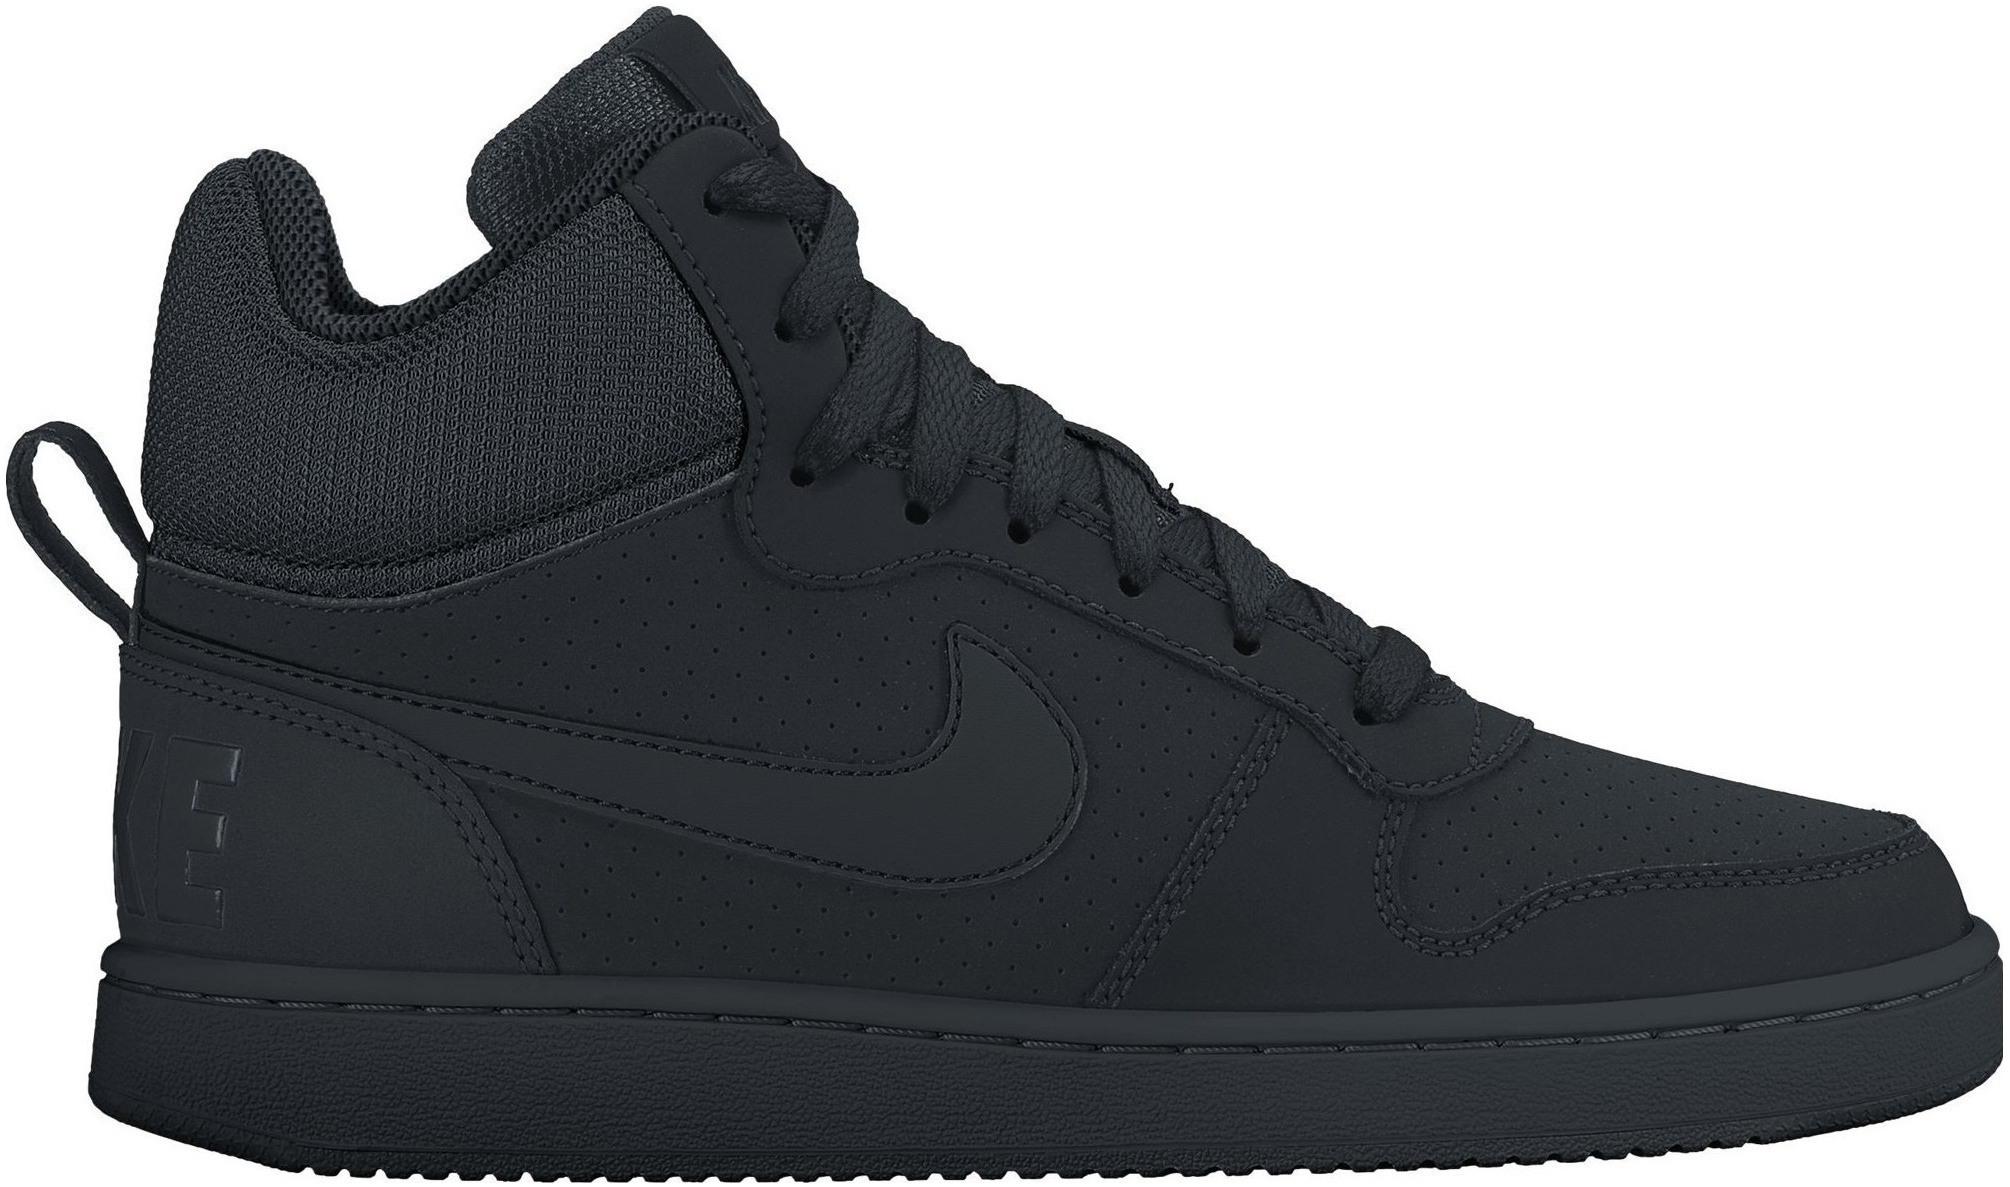 Dámské kotníkové boty Nike COURT BOROUGH MID W černé  1f1e94219e